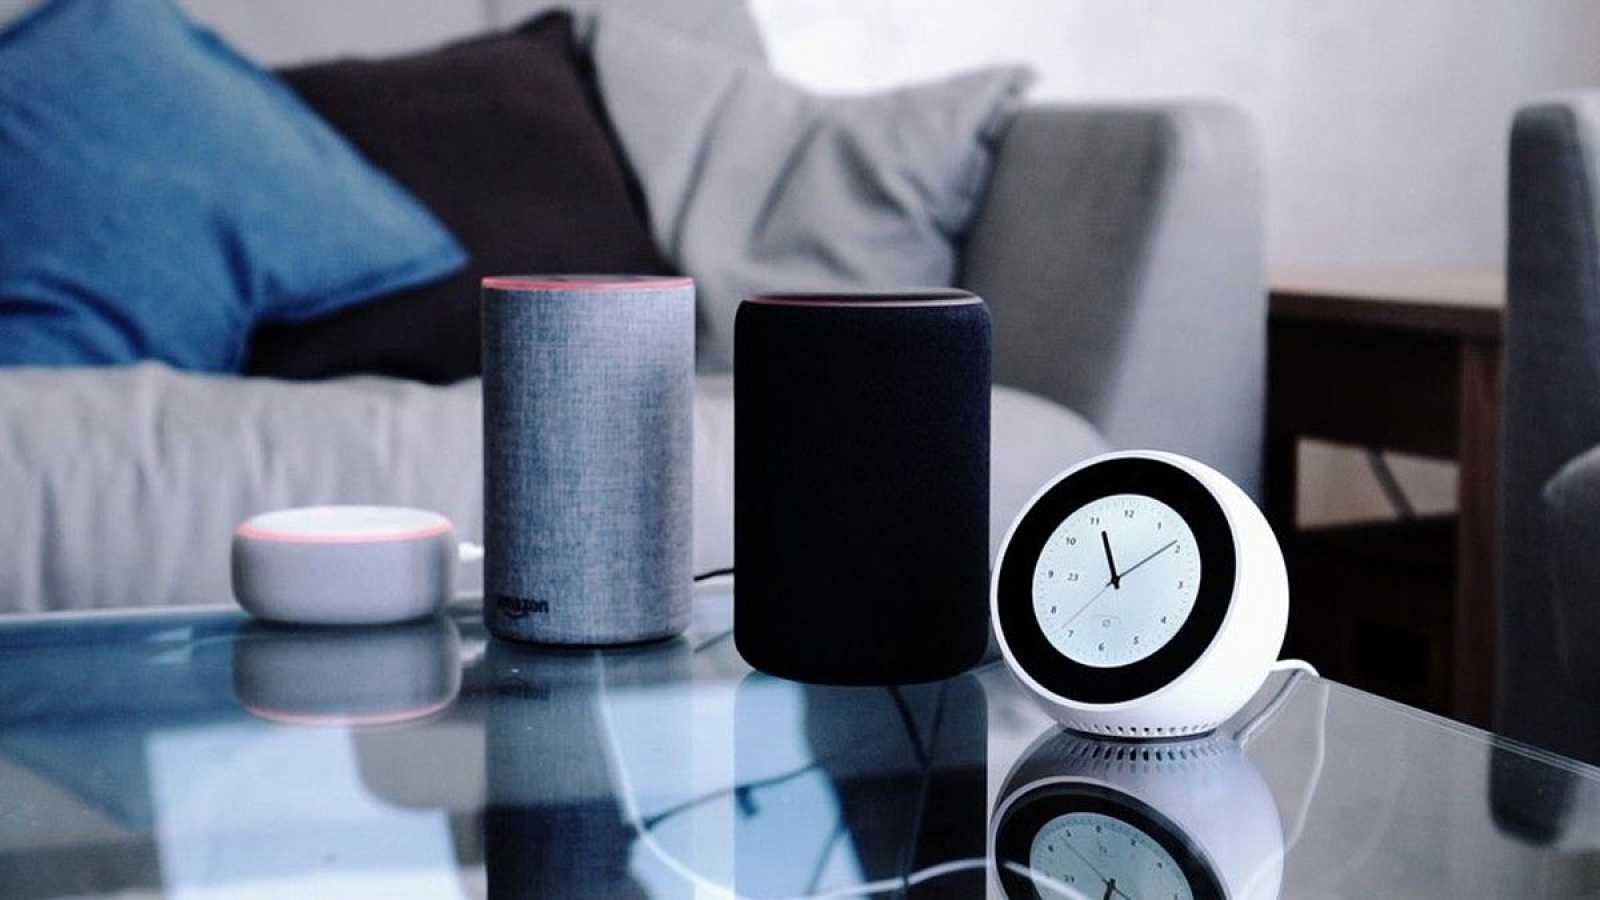 6008343b7 Para todos los públicos Escuchar música, apagar y encender las luces o  hacer la compra son solo algunos de reproducir video 01.15 min. Alexa ...